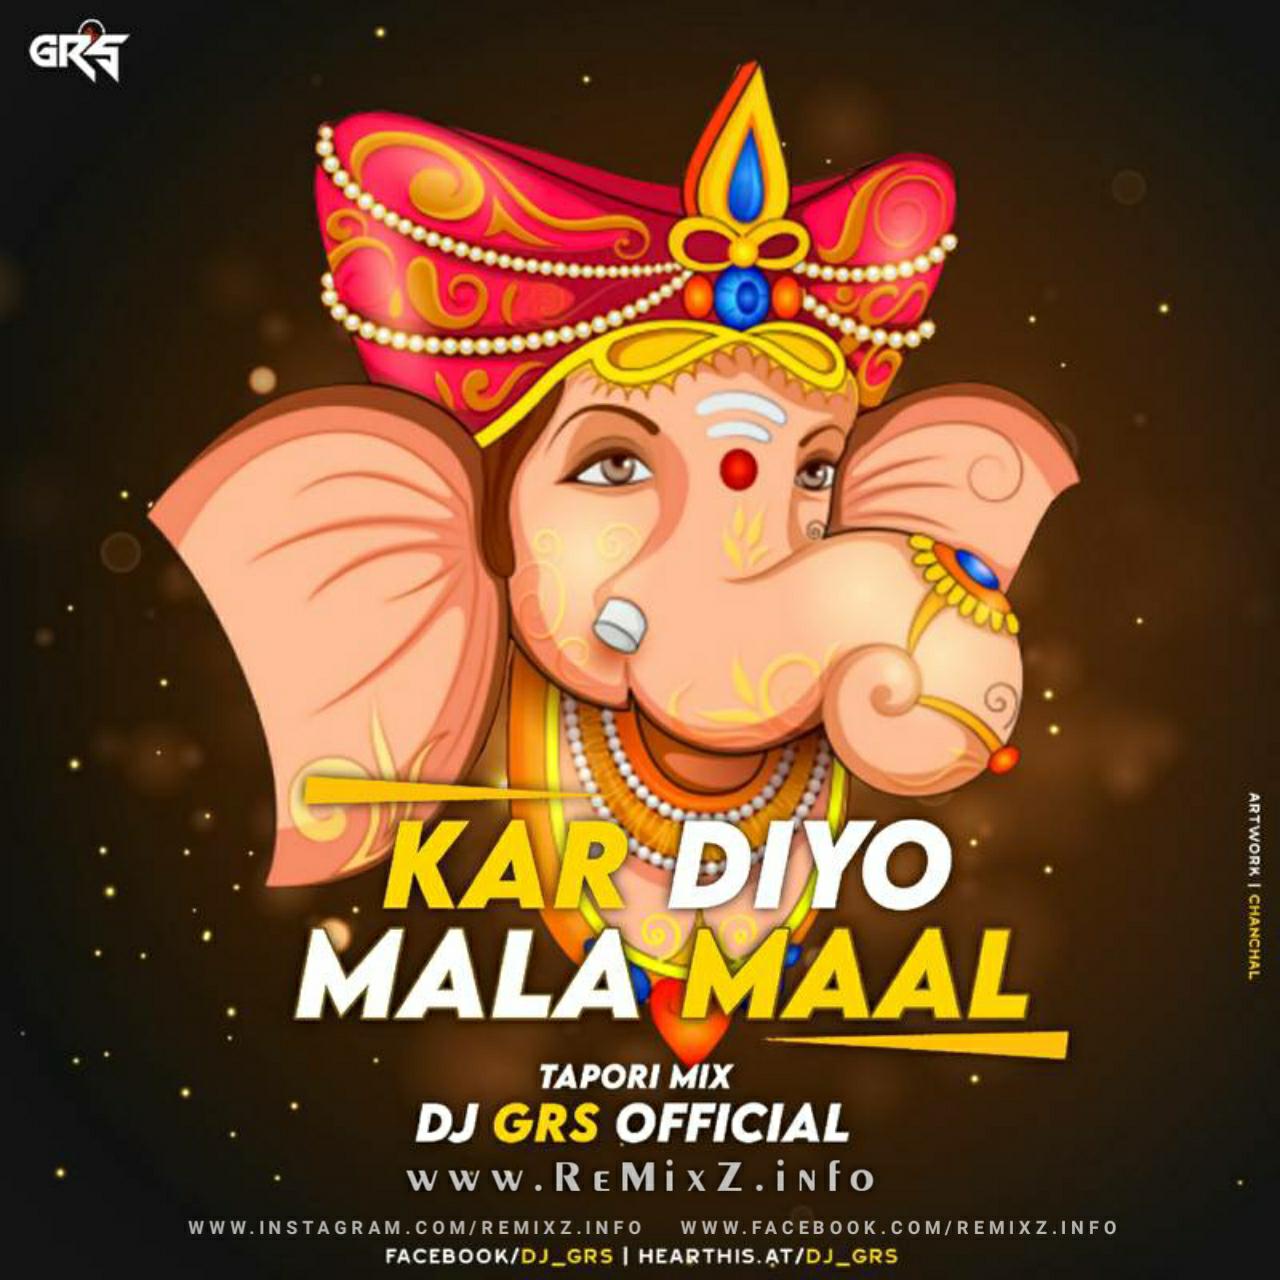 kar-diyo-mala-maal-remix-dj-grs-jbp.jpg